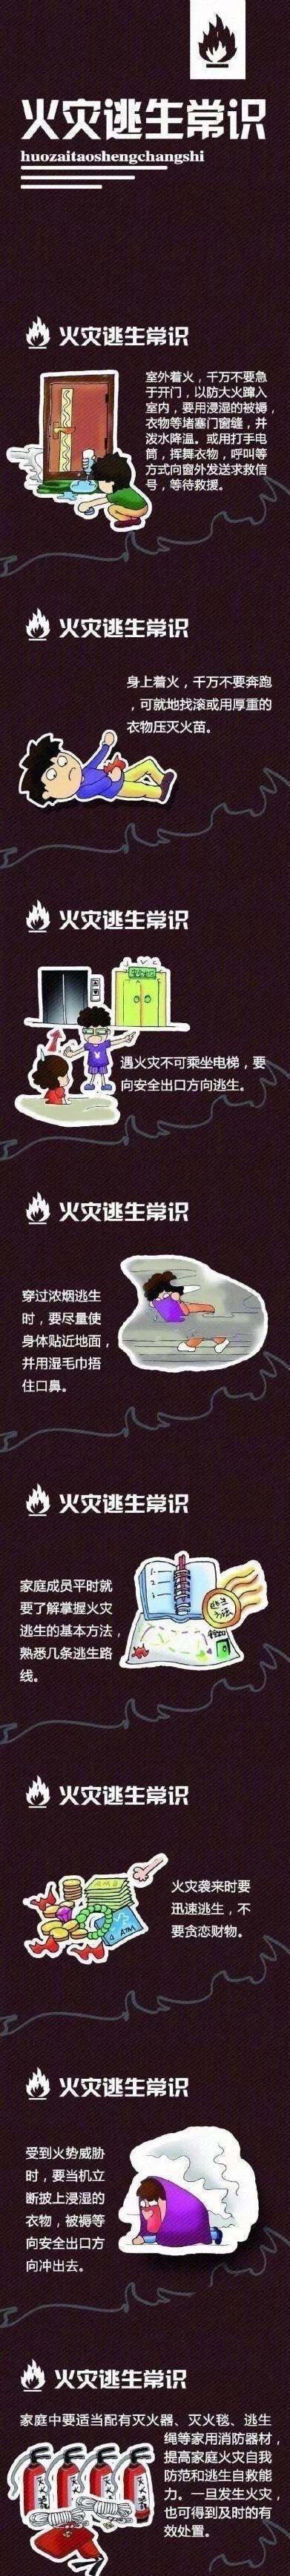 突发大火,母亲五楼抛下被单和两个孩子,自己却……手机拍下震撼一幕